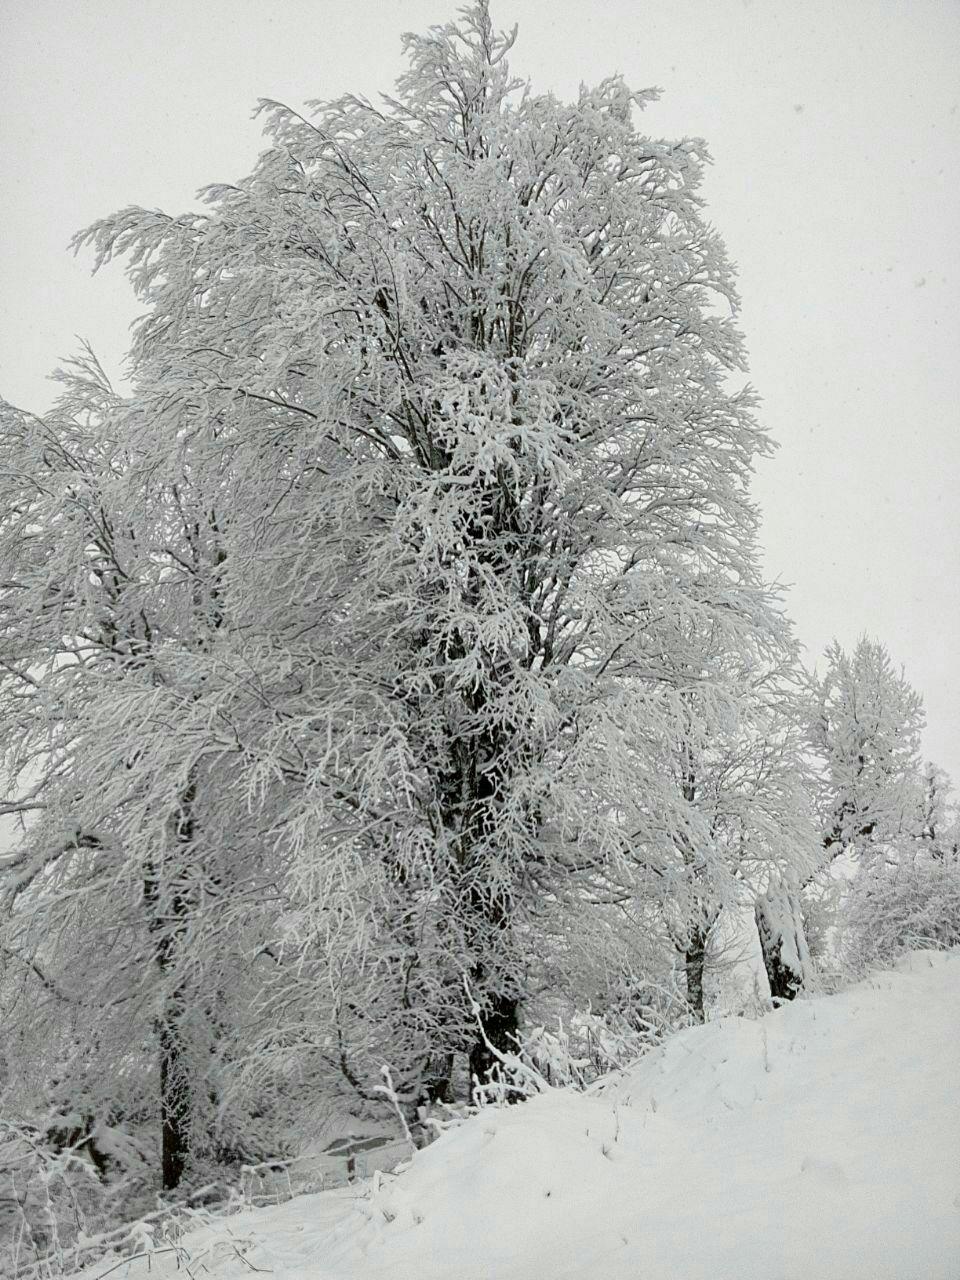 درخت پوشیده از برف ماسوله